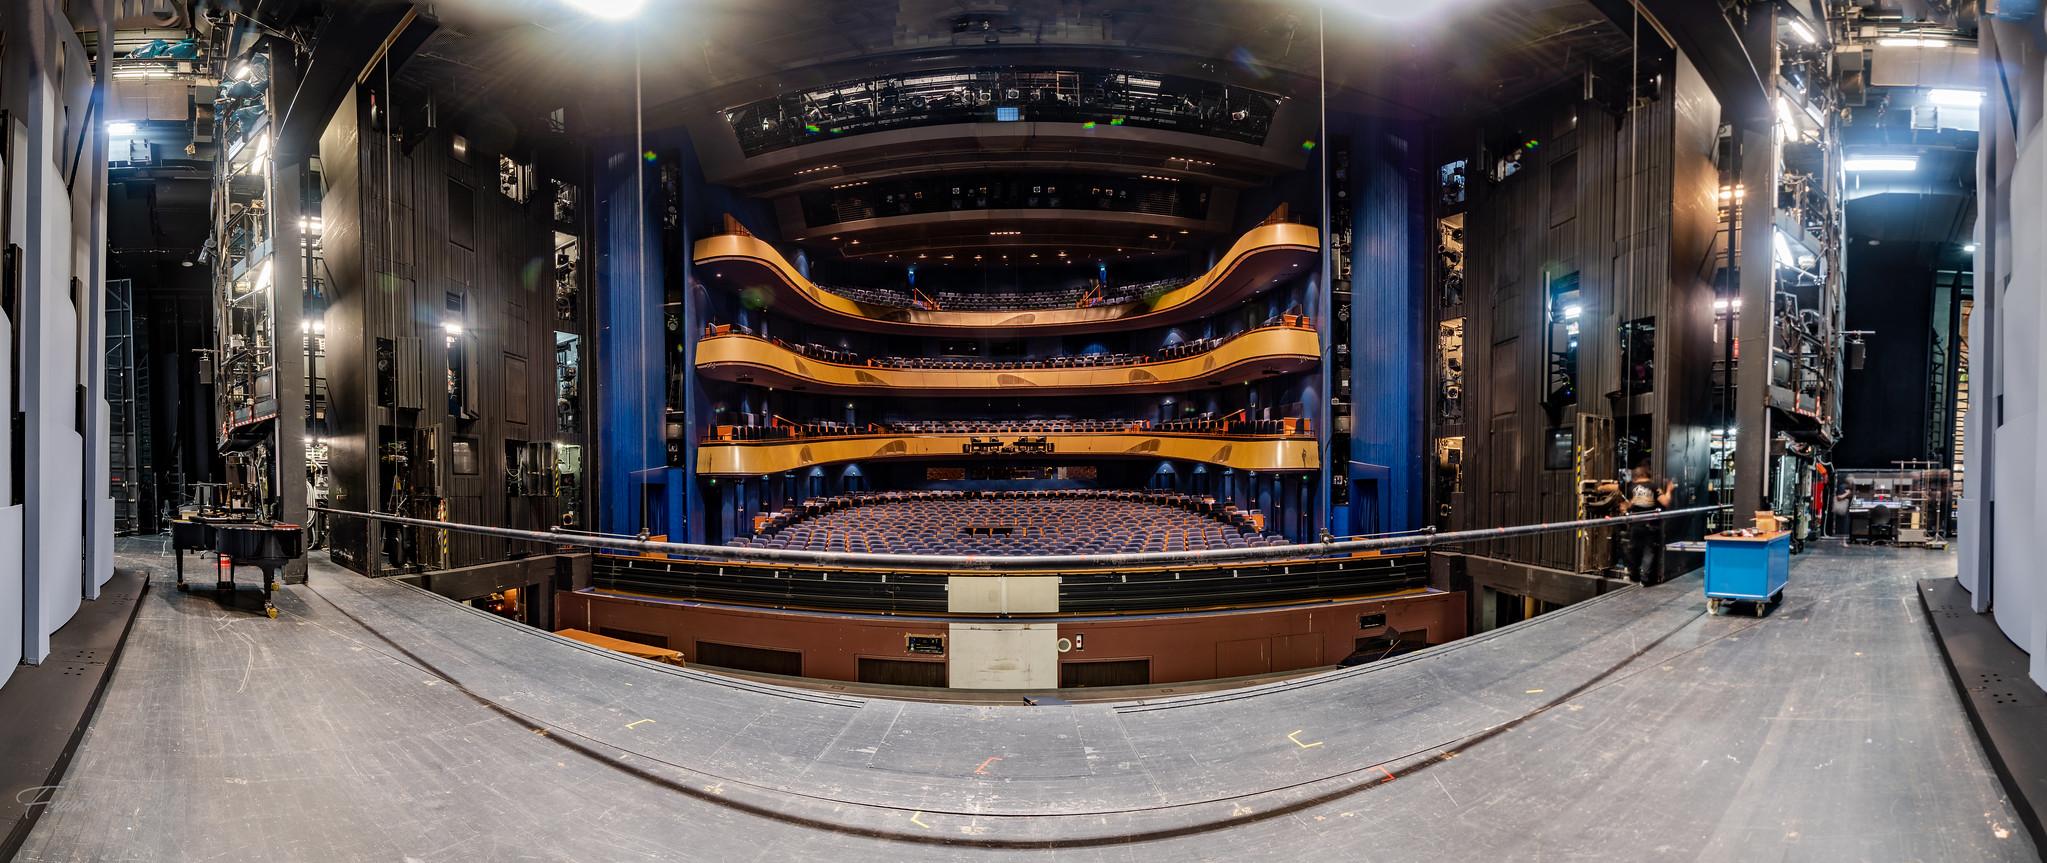 Hinter der Bühne der Oper Frankfurt am Main  06.2020